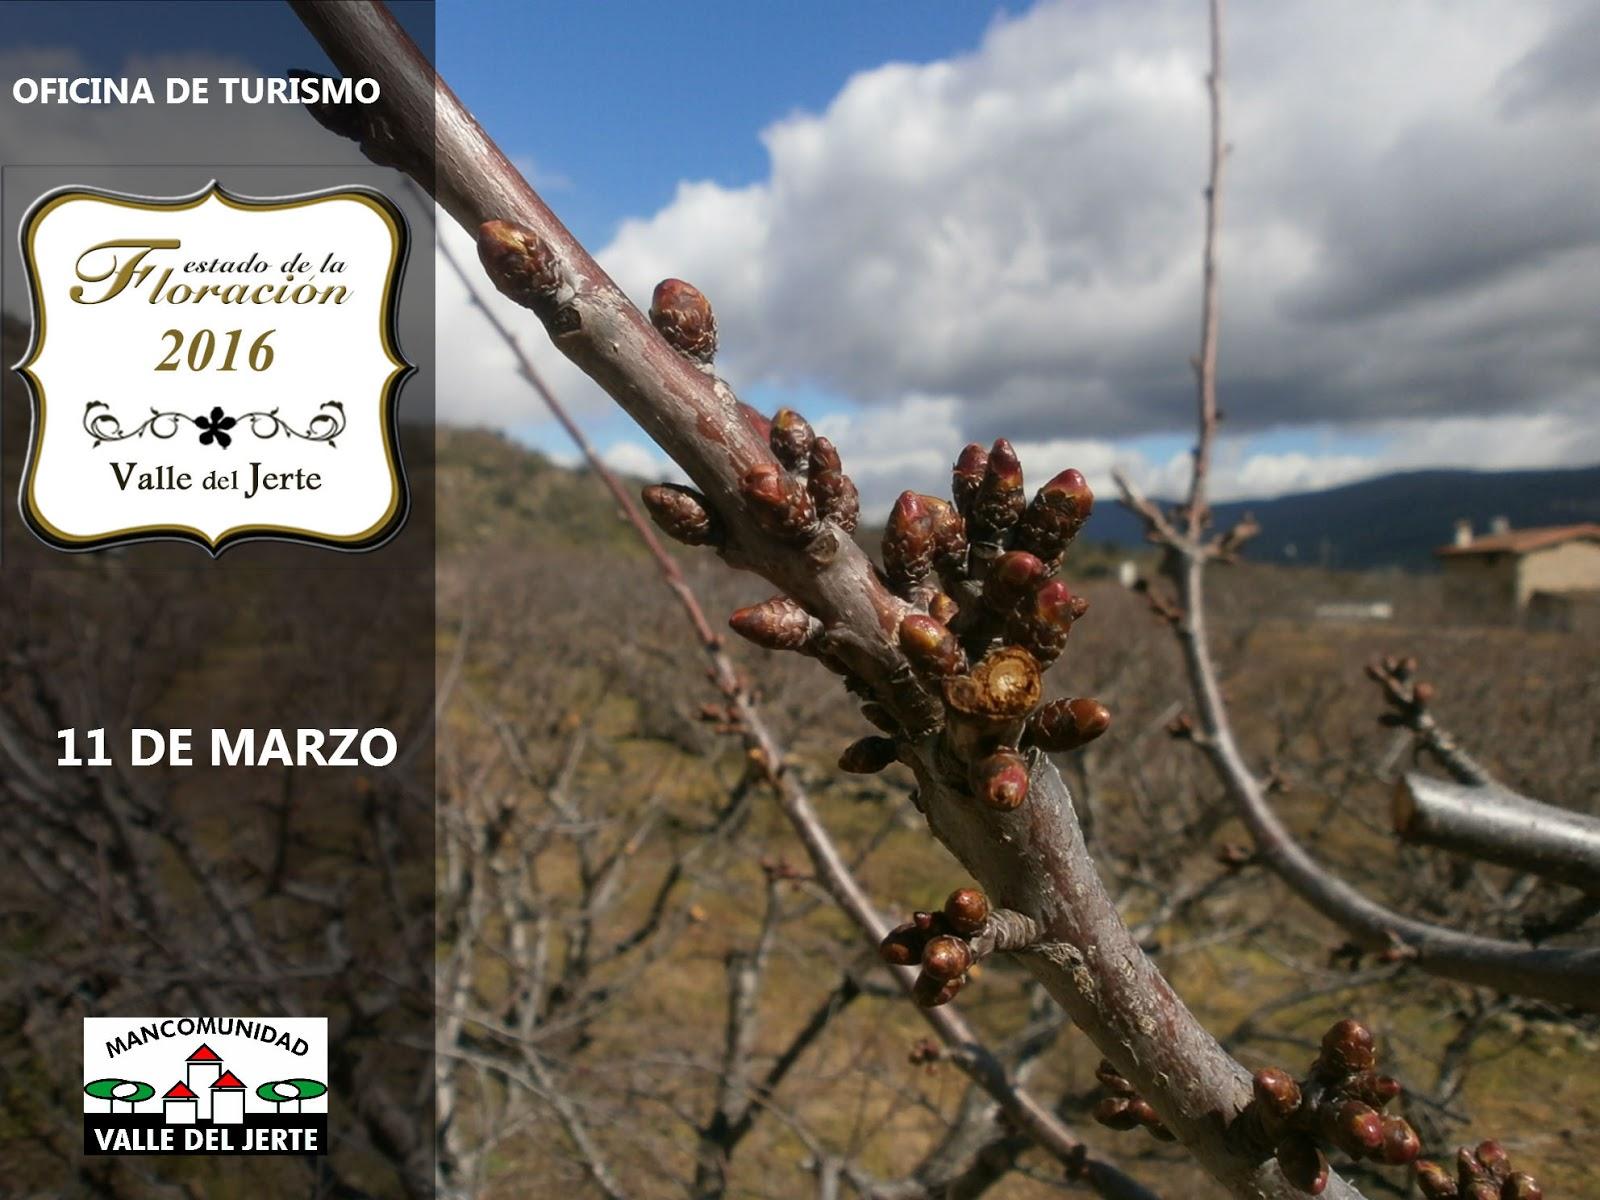 Estado de la floración a 11 de marzo 2016